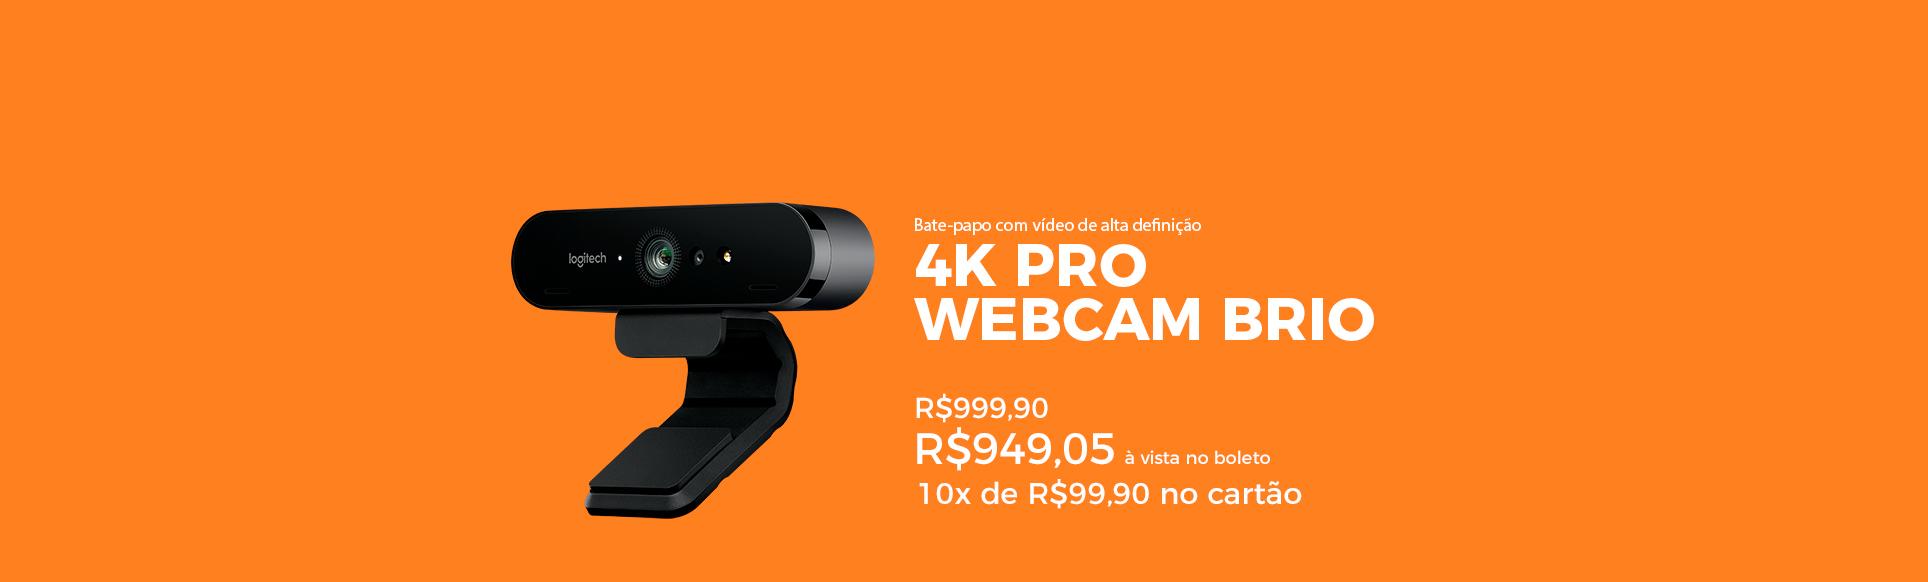 WEBCAM-BRIO